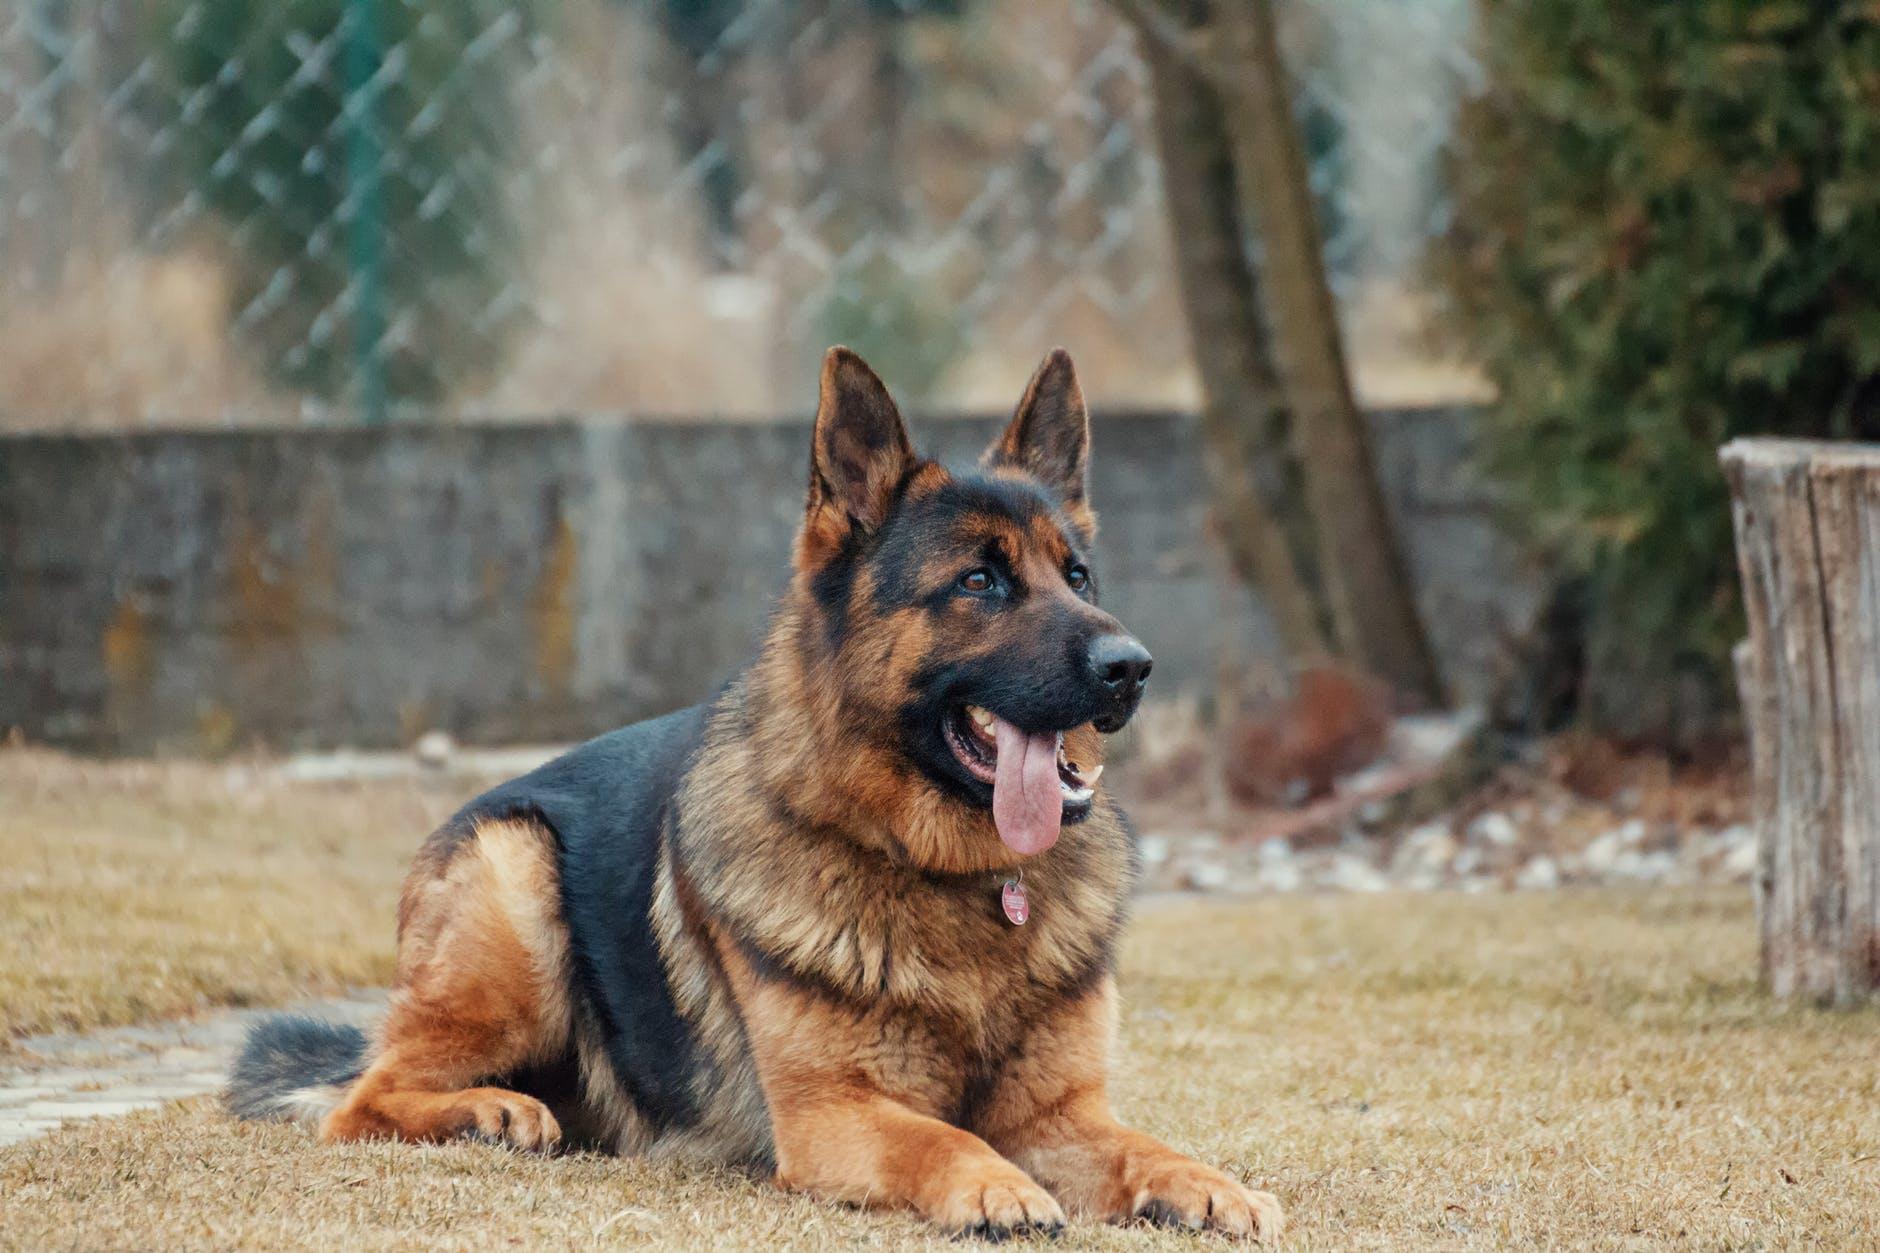 4 ข้อแนะนำโรคพิษสุนัขบ้า อาการ การป้องกัน รักษา